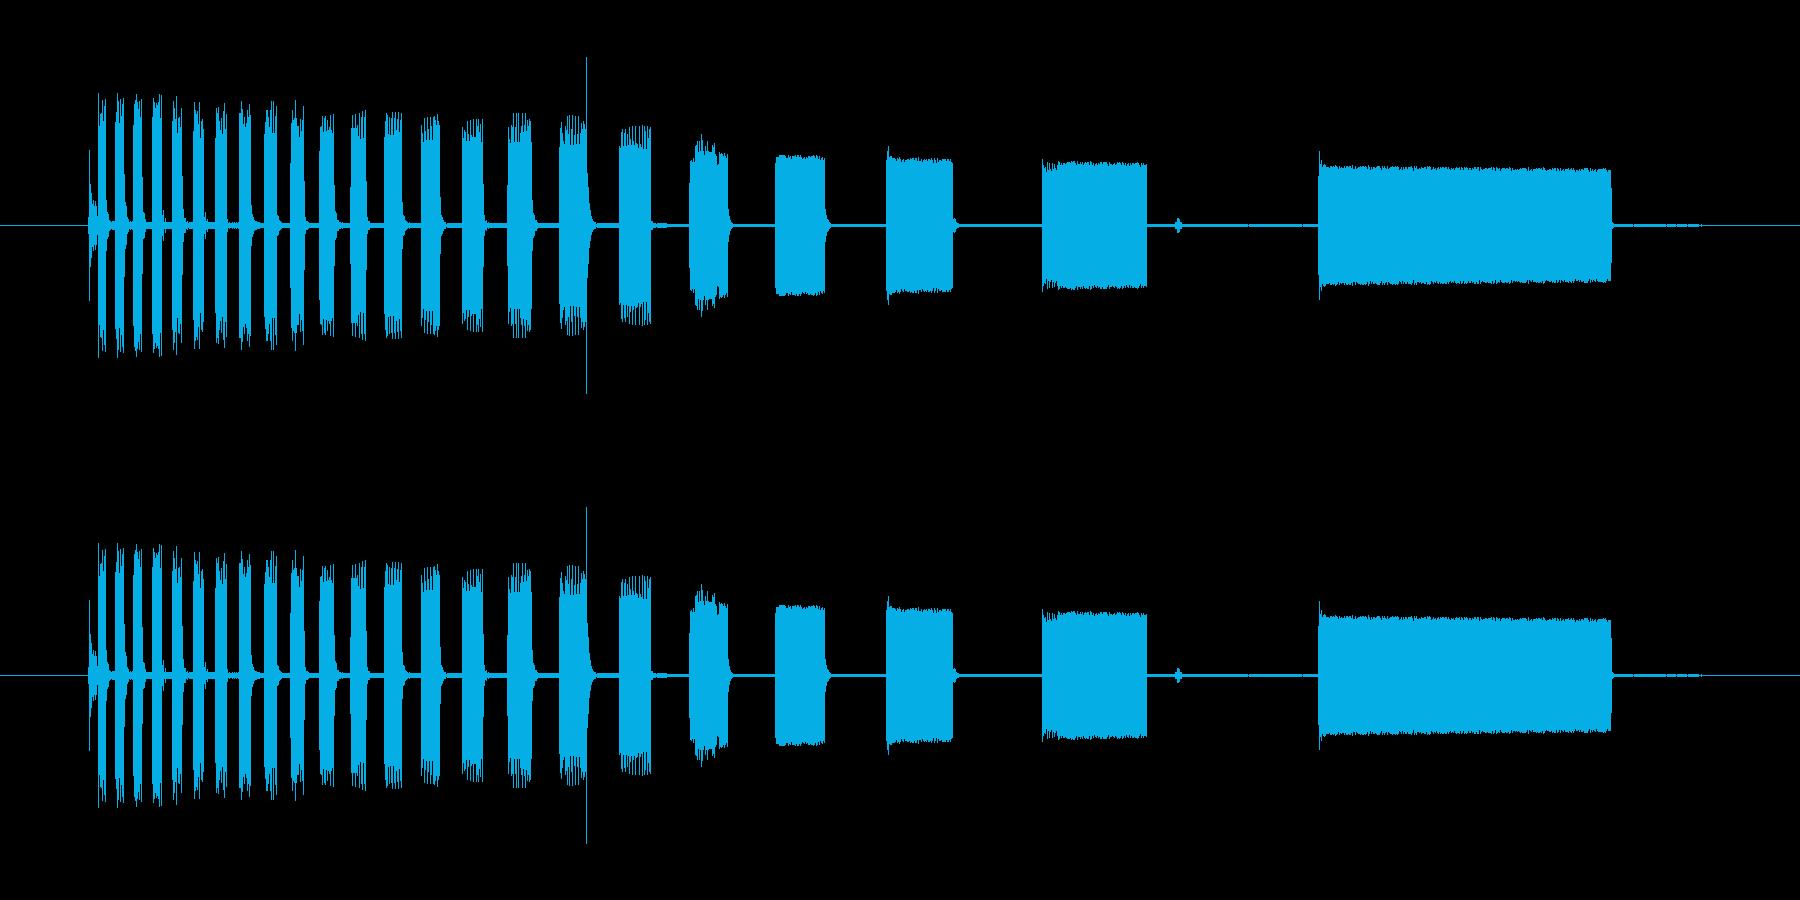 古いパソコンがバグった音の再生済みの波形